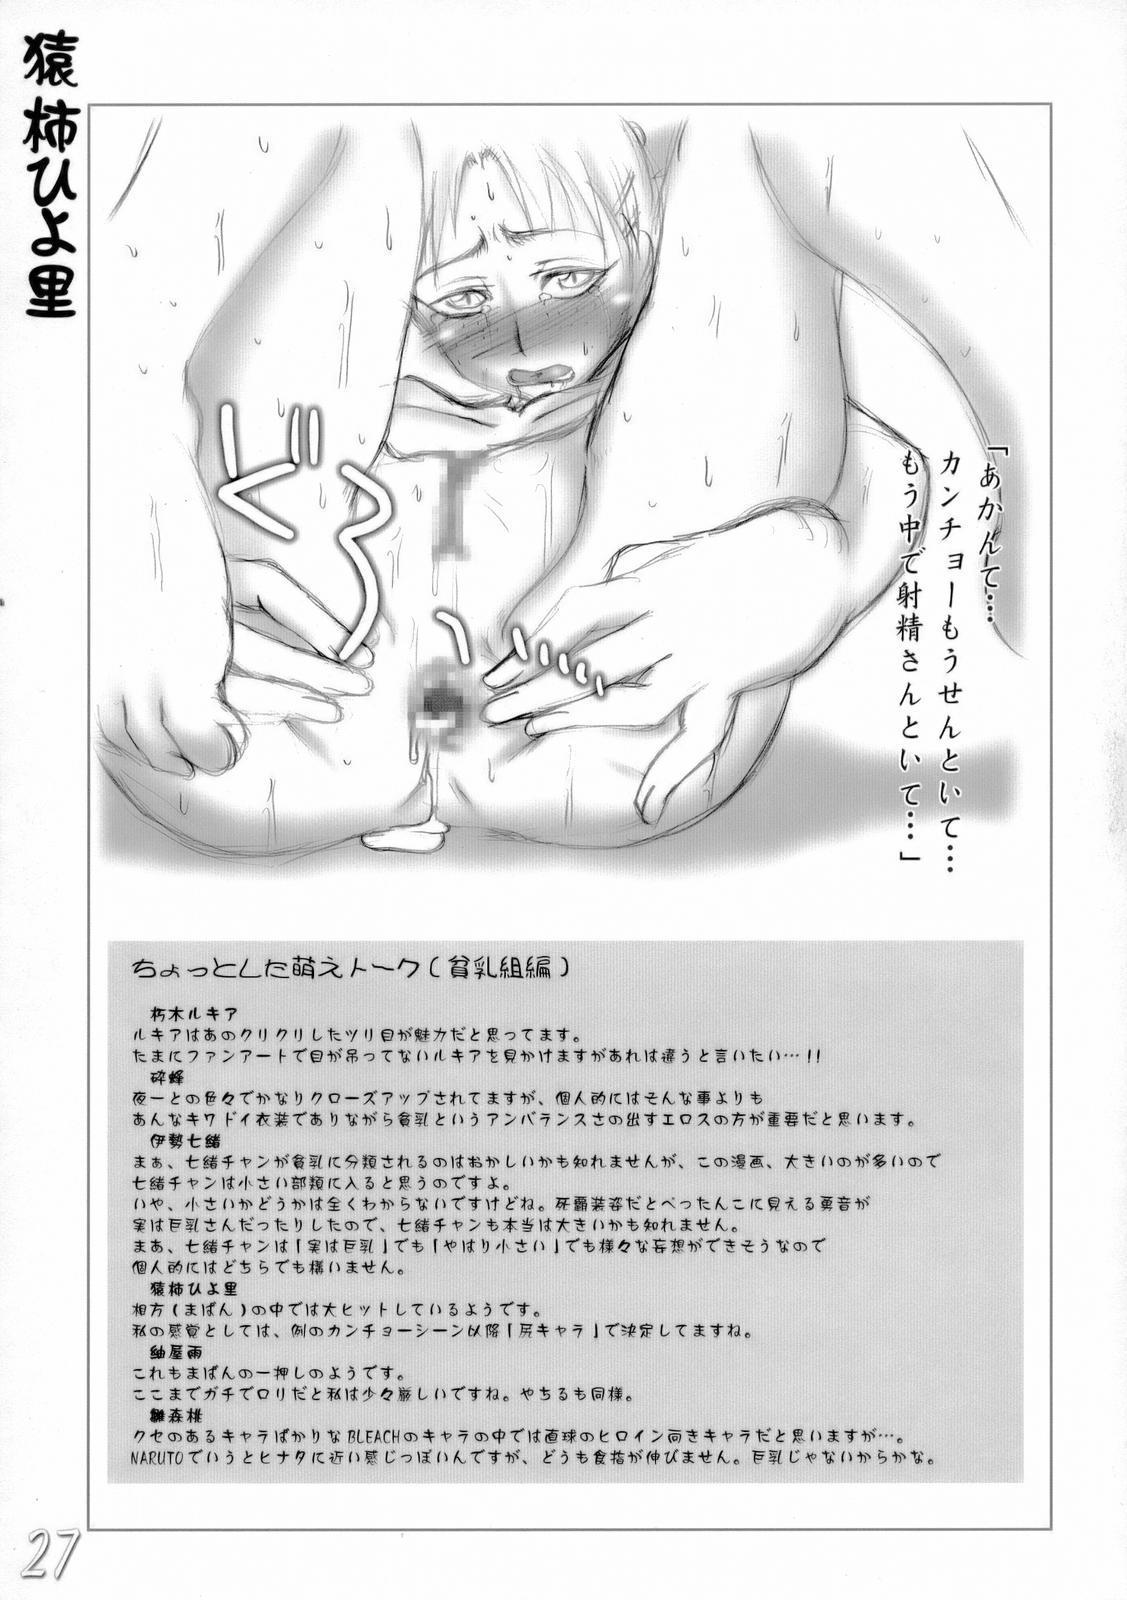 (CT7) [HIGHWAY-SENMU (Maban, Saikoubi)] H-Sen 9 - Erotical Miyasato Bros. (Bleach) [English] {doujin-moe.com} 25